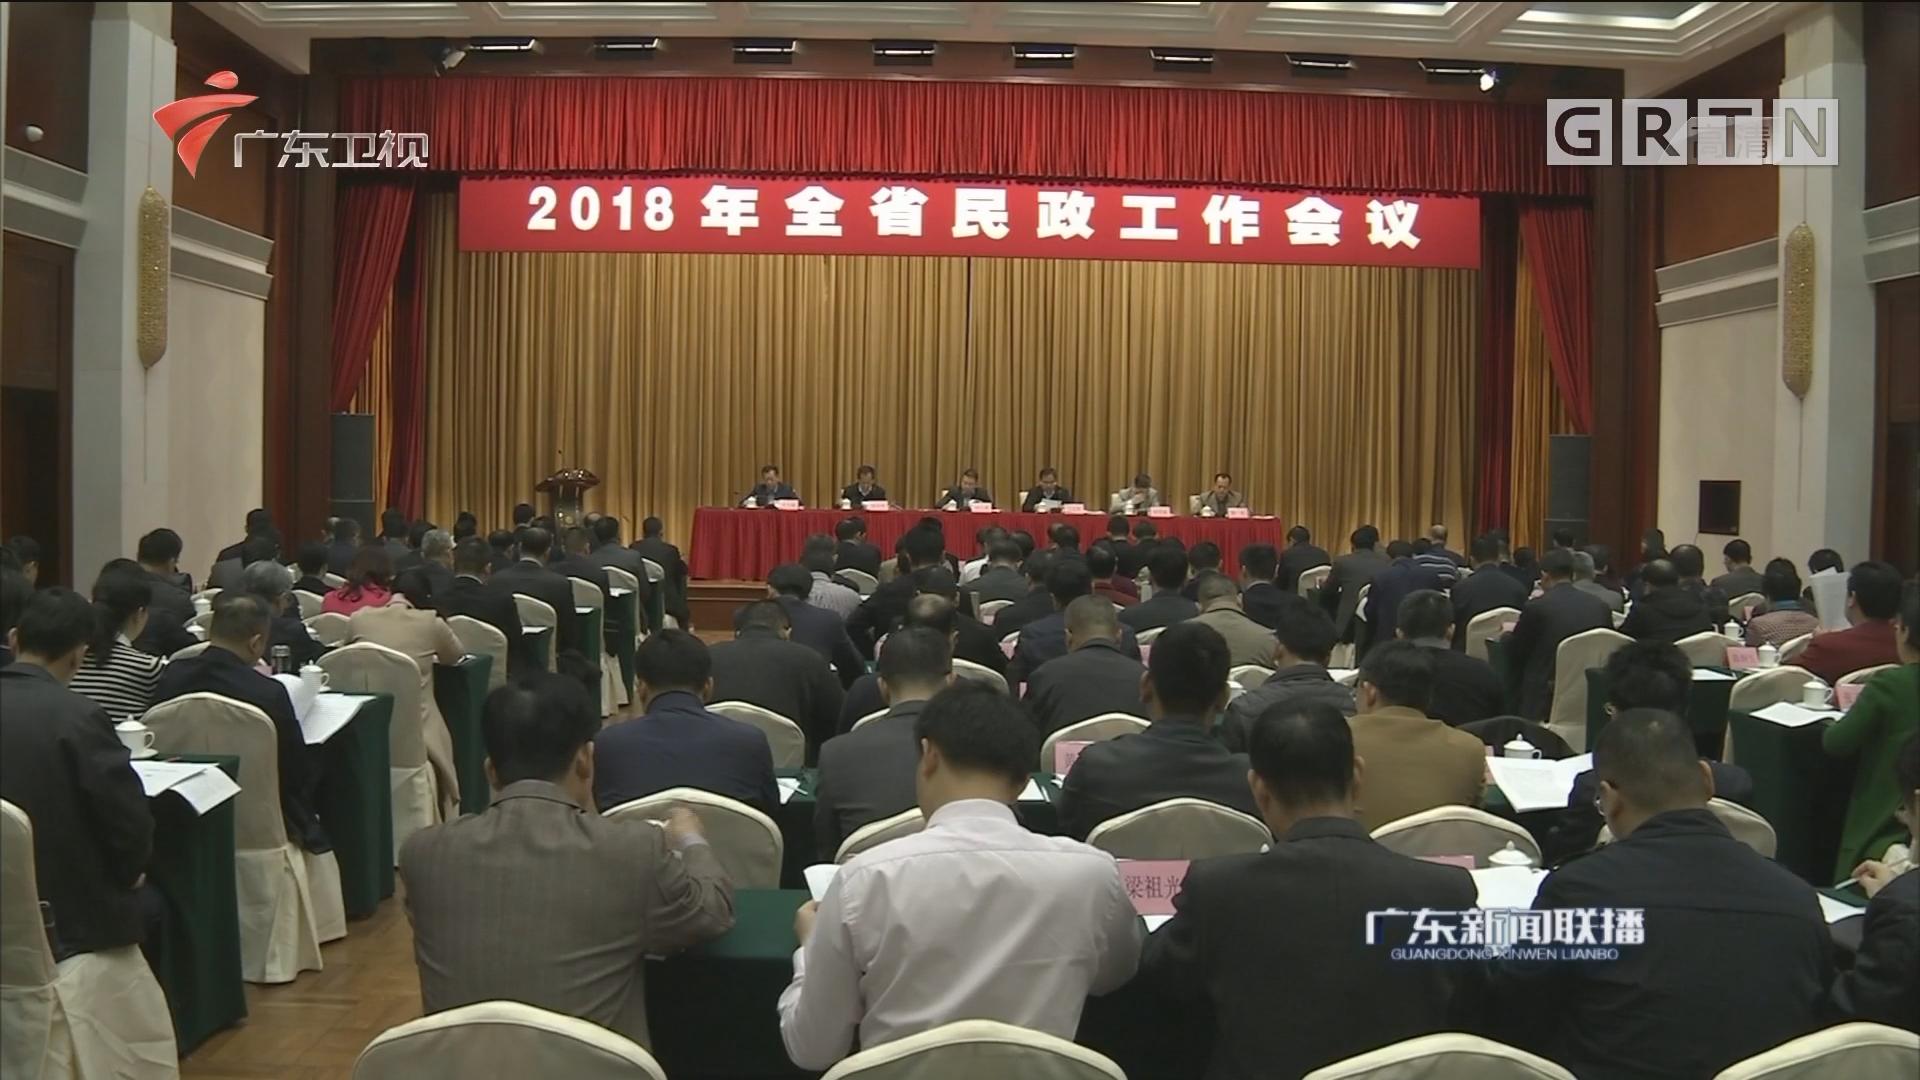 广东全力推动民政工作迈上新台阶